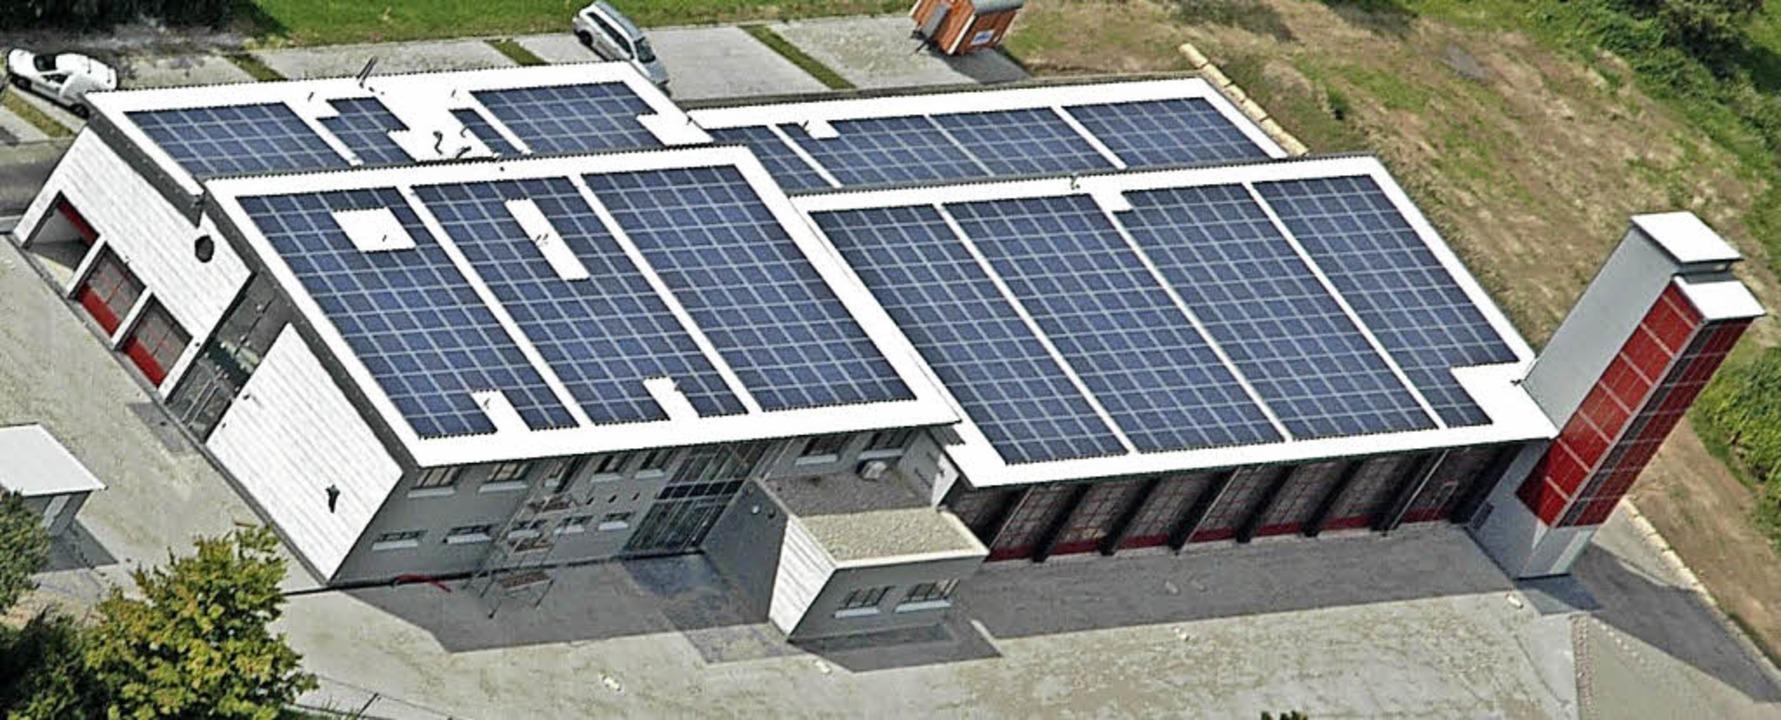 Fotovoltaikanlagen der Denzlinger Ener...im Unterdorf an der Vörstetter Straße   | Foto: Archivfoto:Sasse